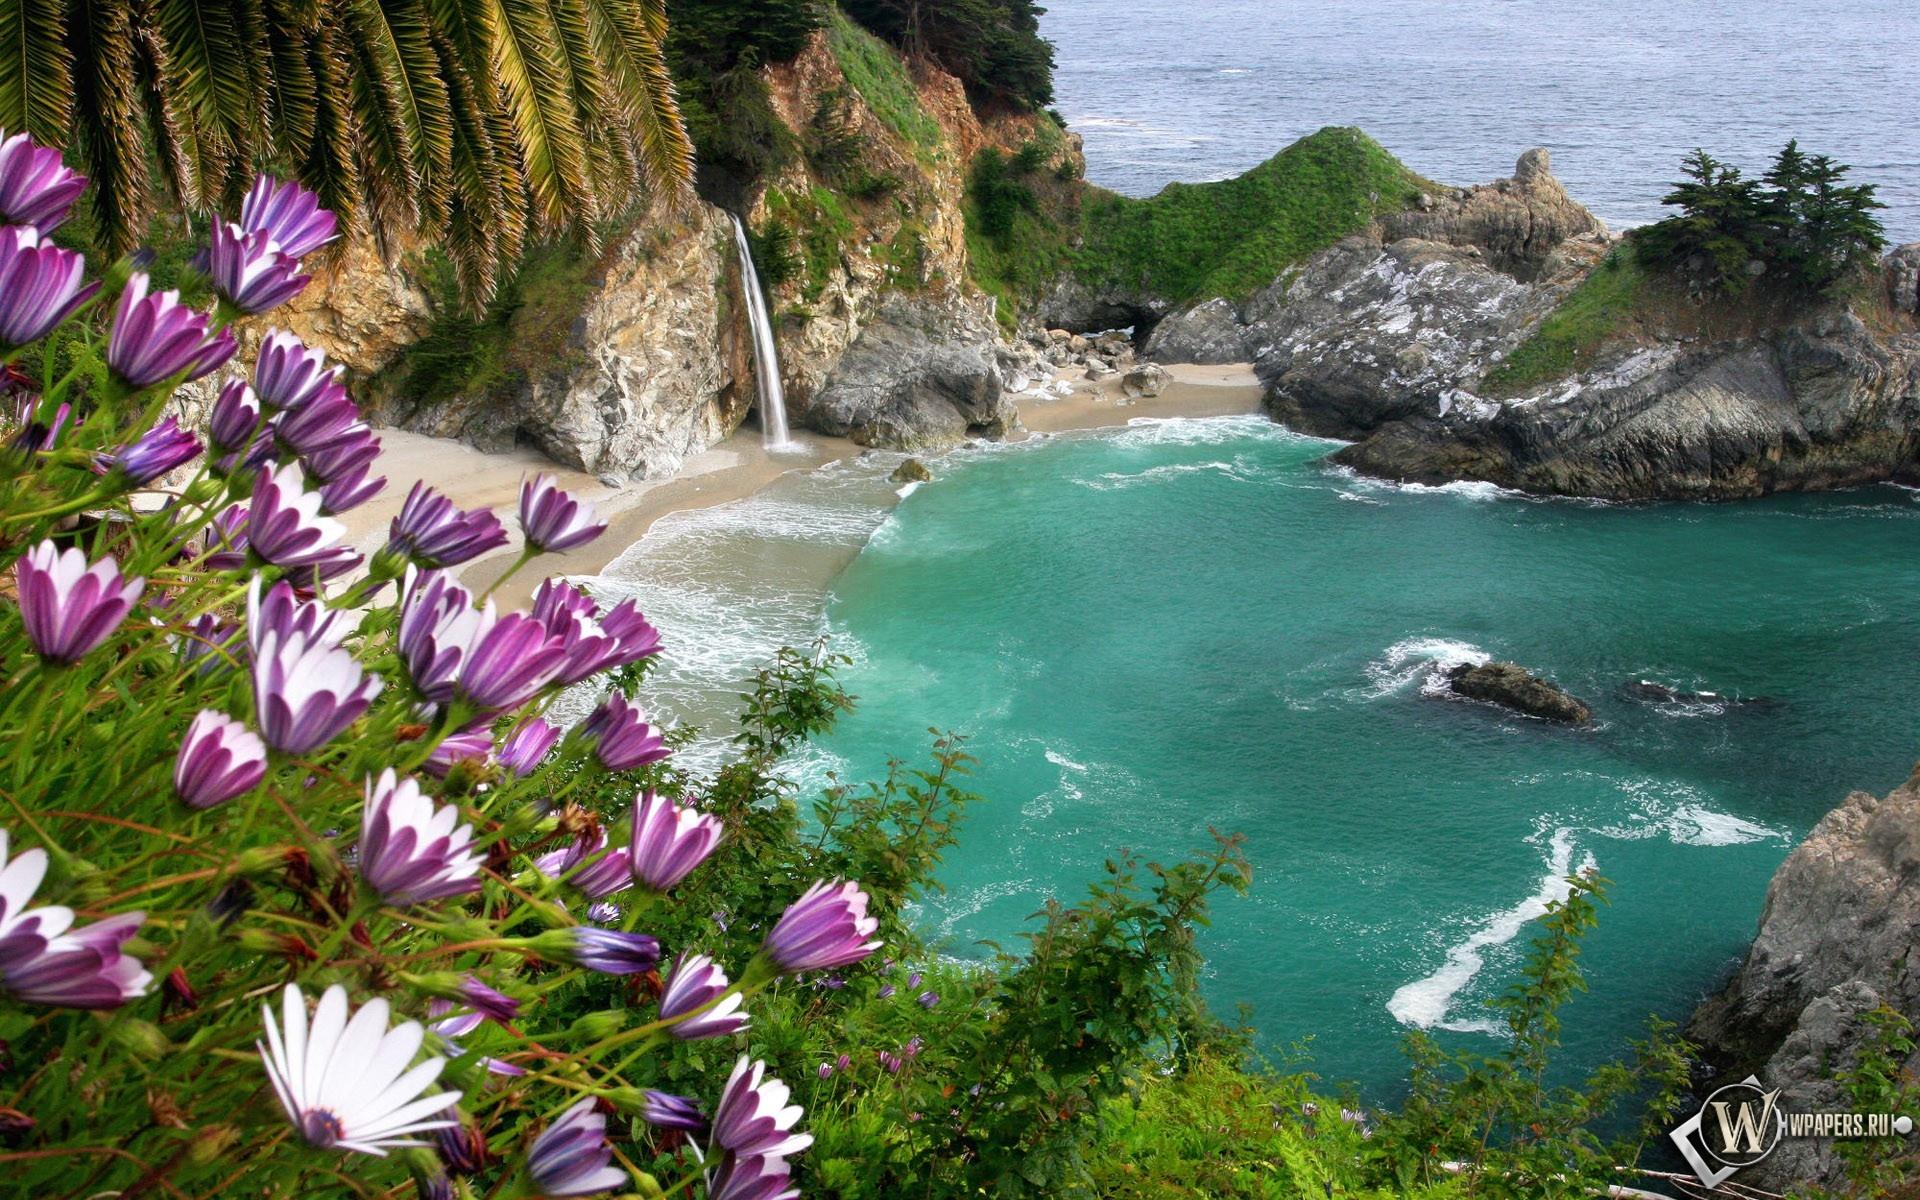 Море обоев 263 скалы обоев 55 цветы обоев